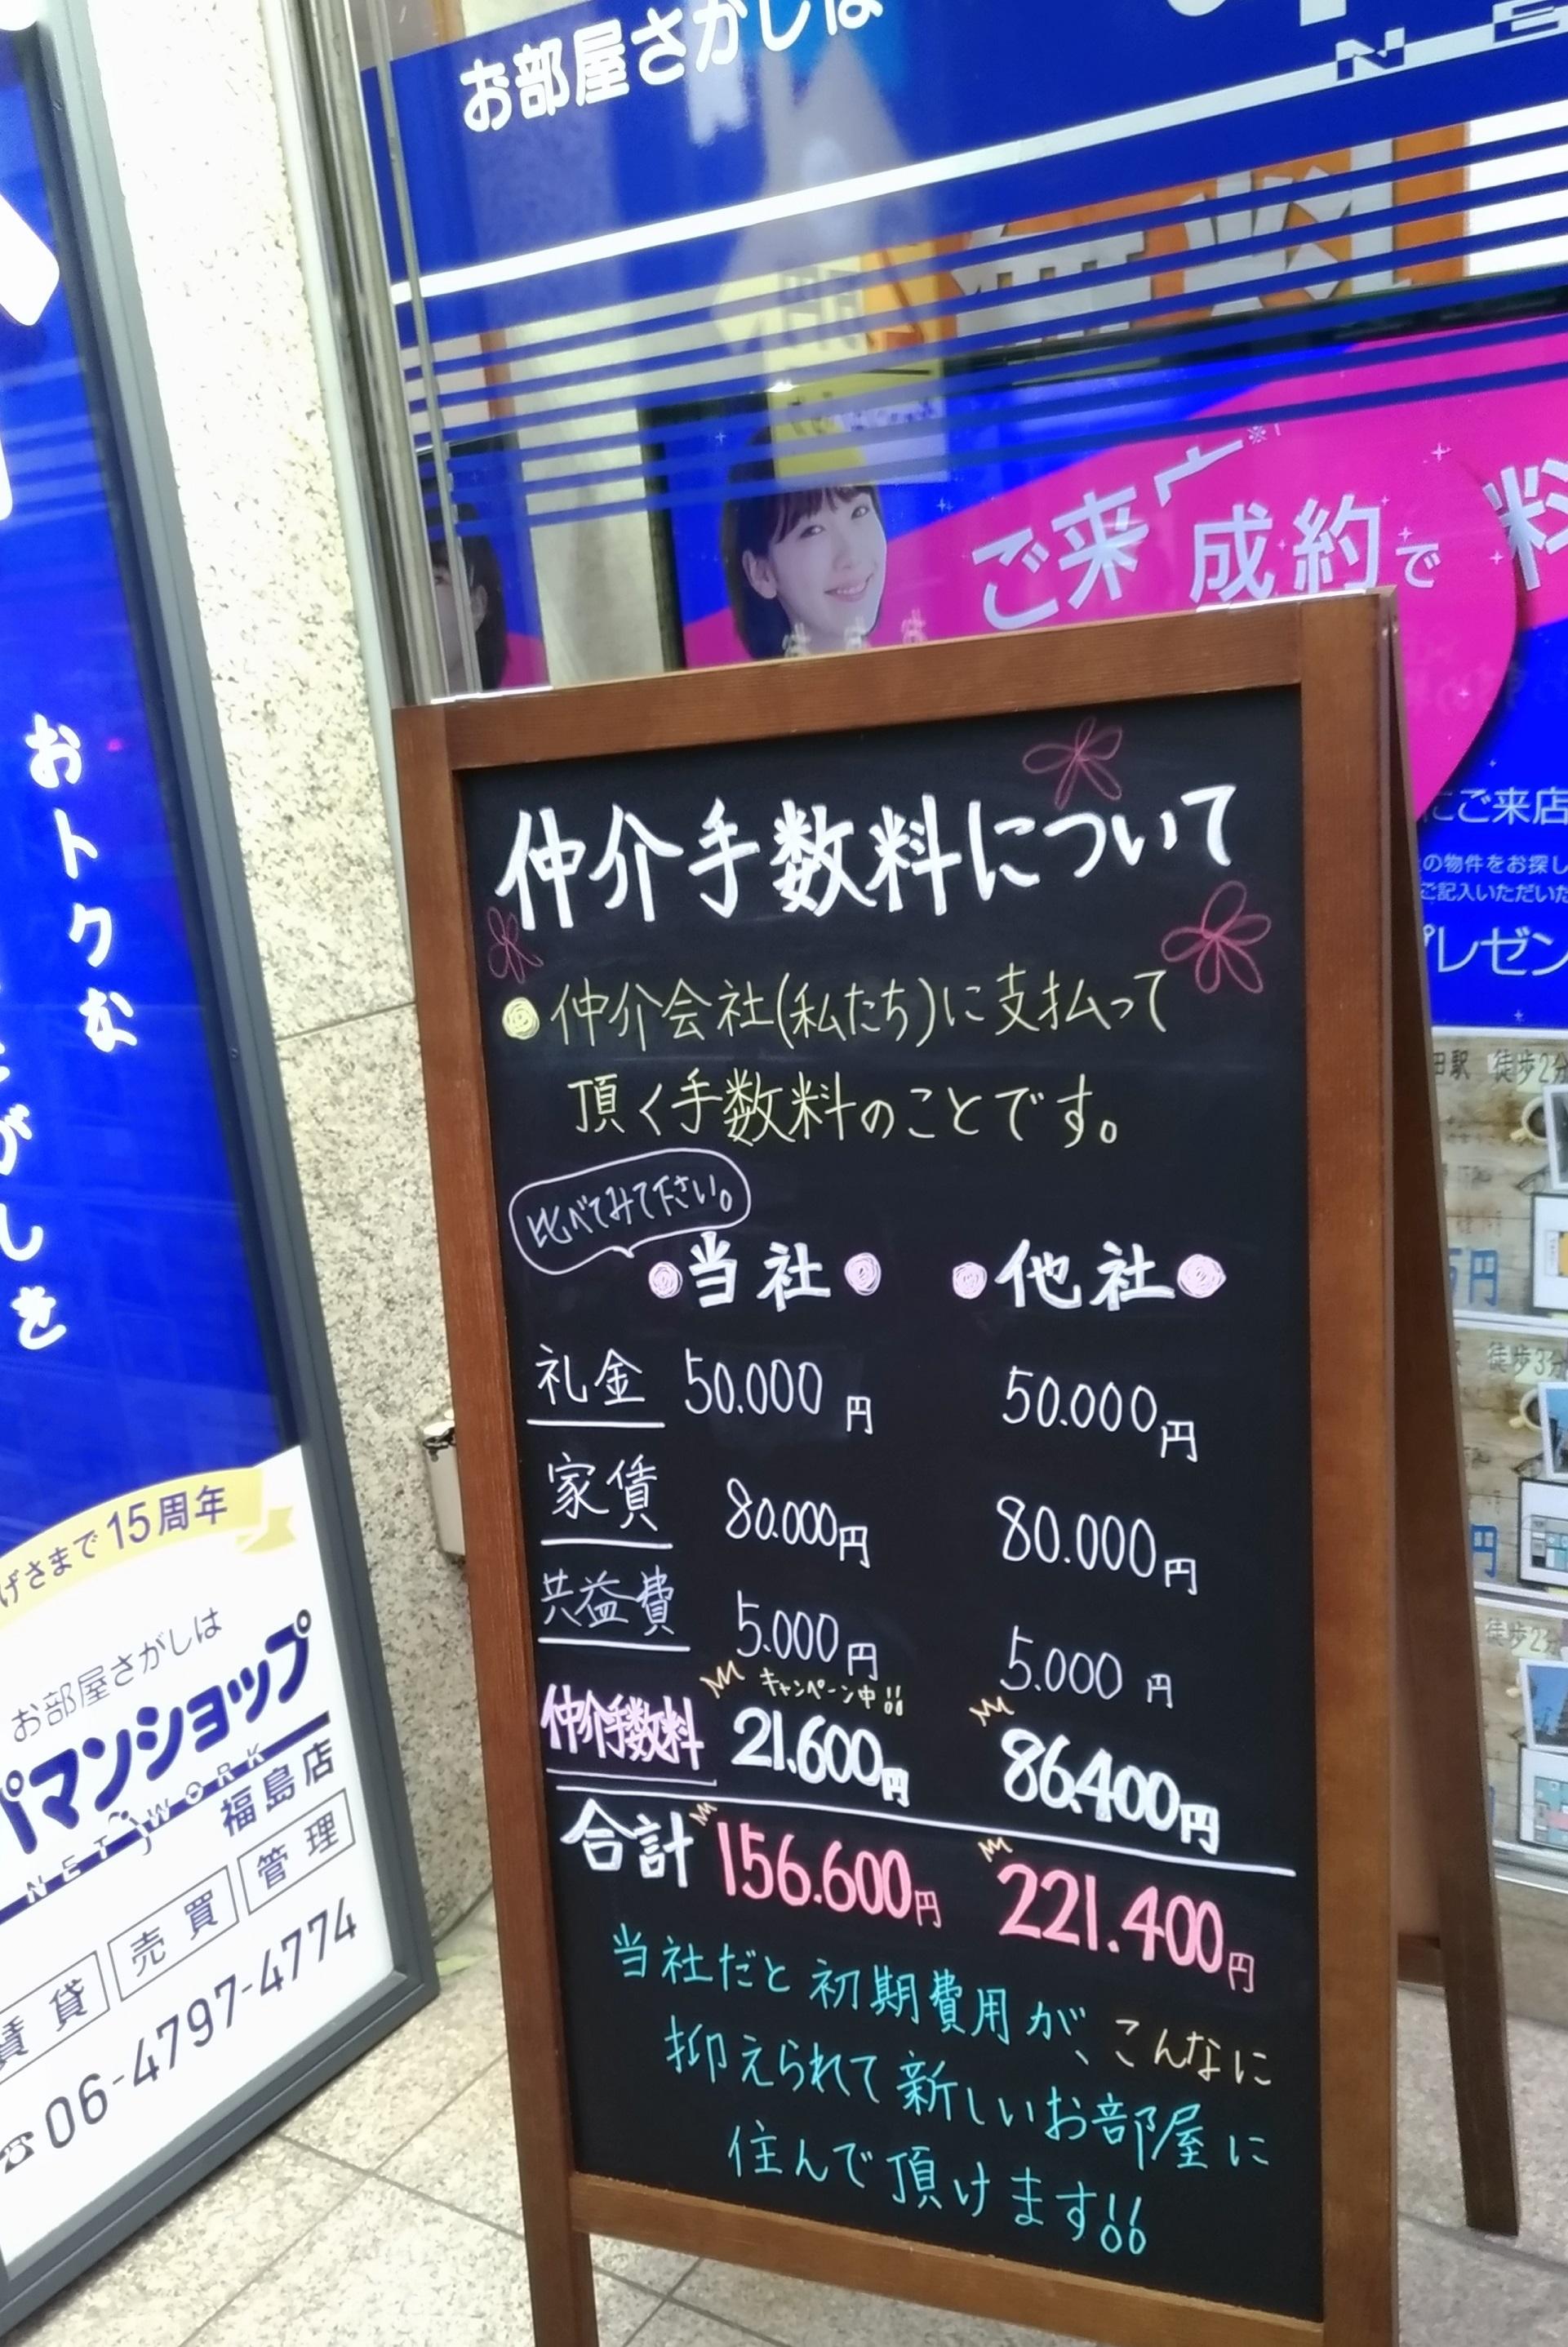 hikkoshi_shokihiyo_apaman.jpg